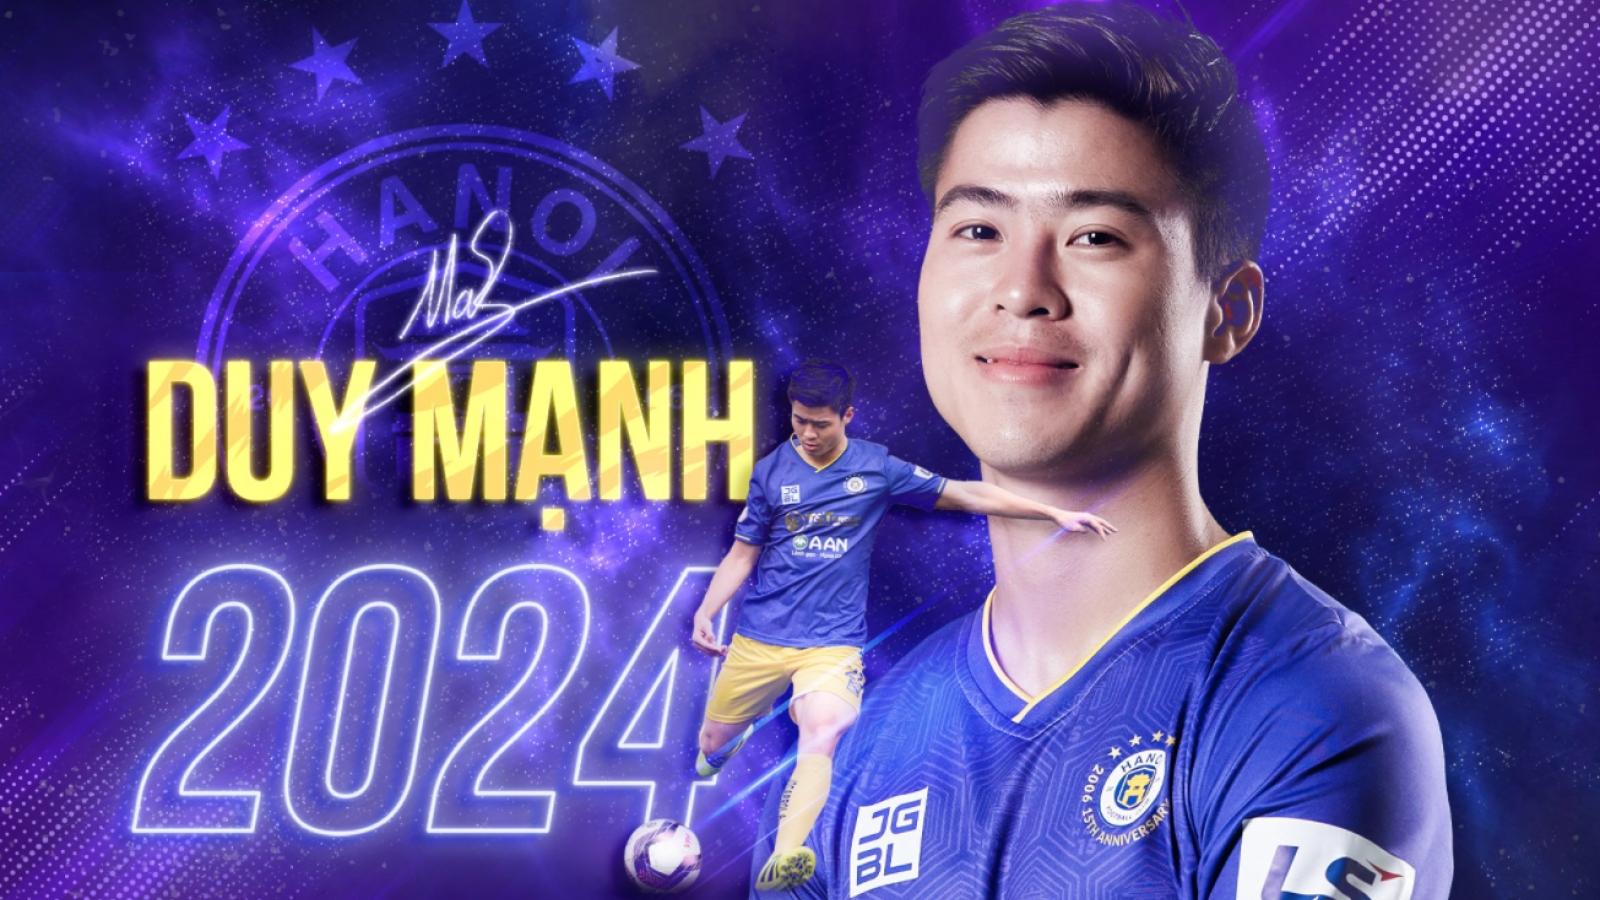 Duy Mạnh gia hạn hợp đồng với Hà Nội FC đến năm 2024